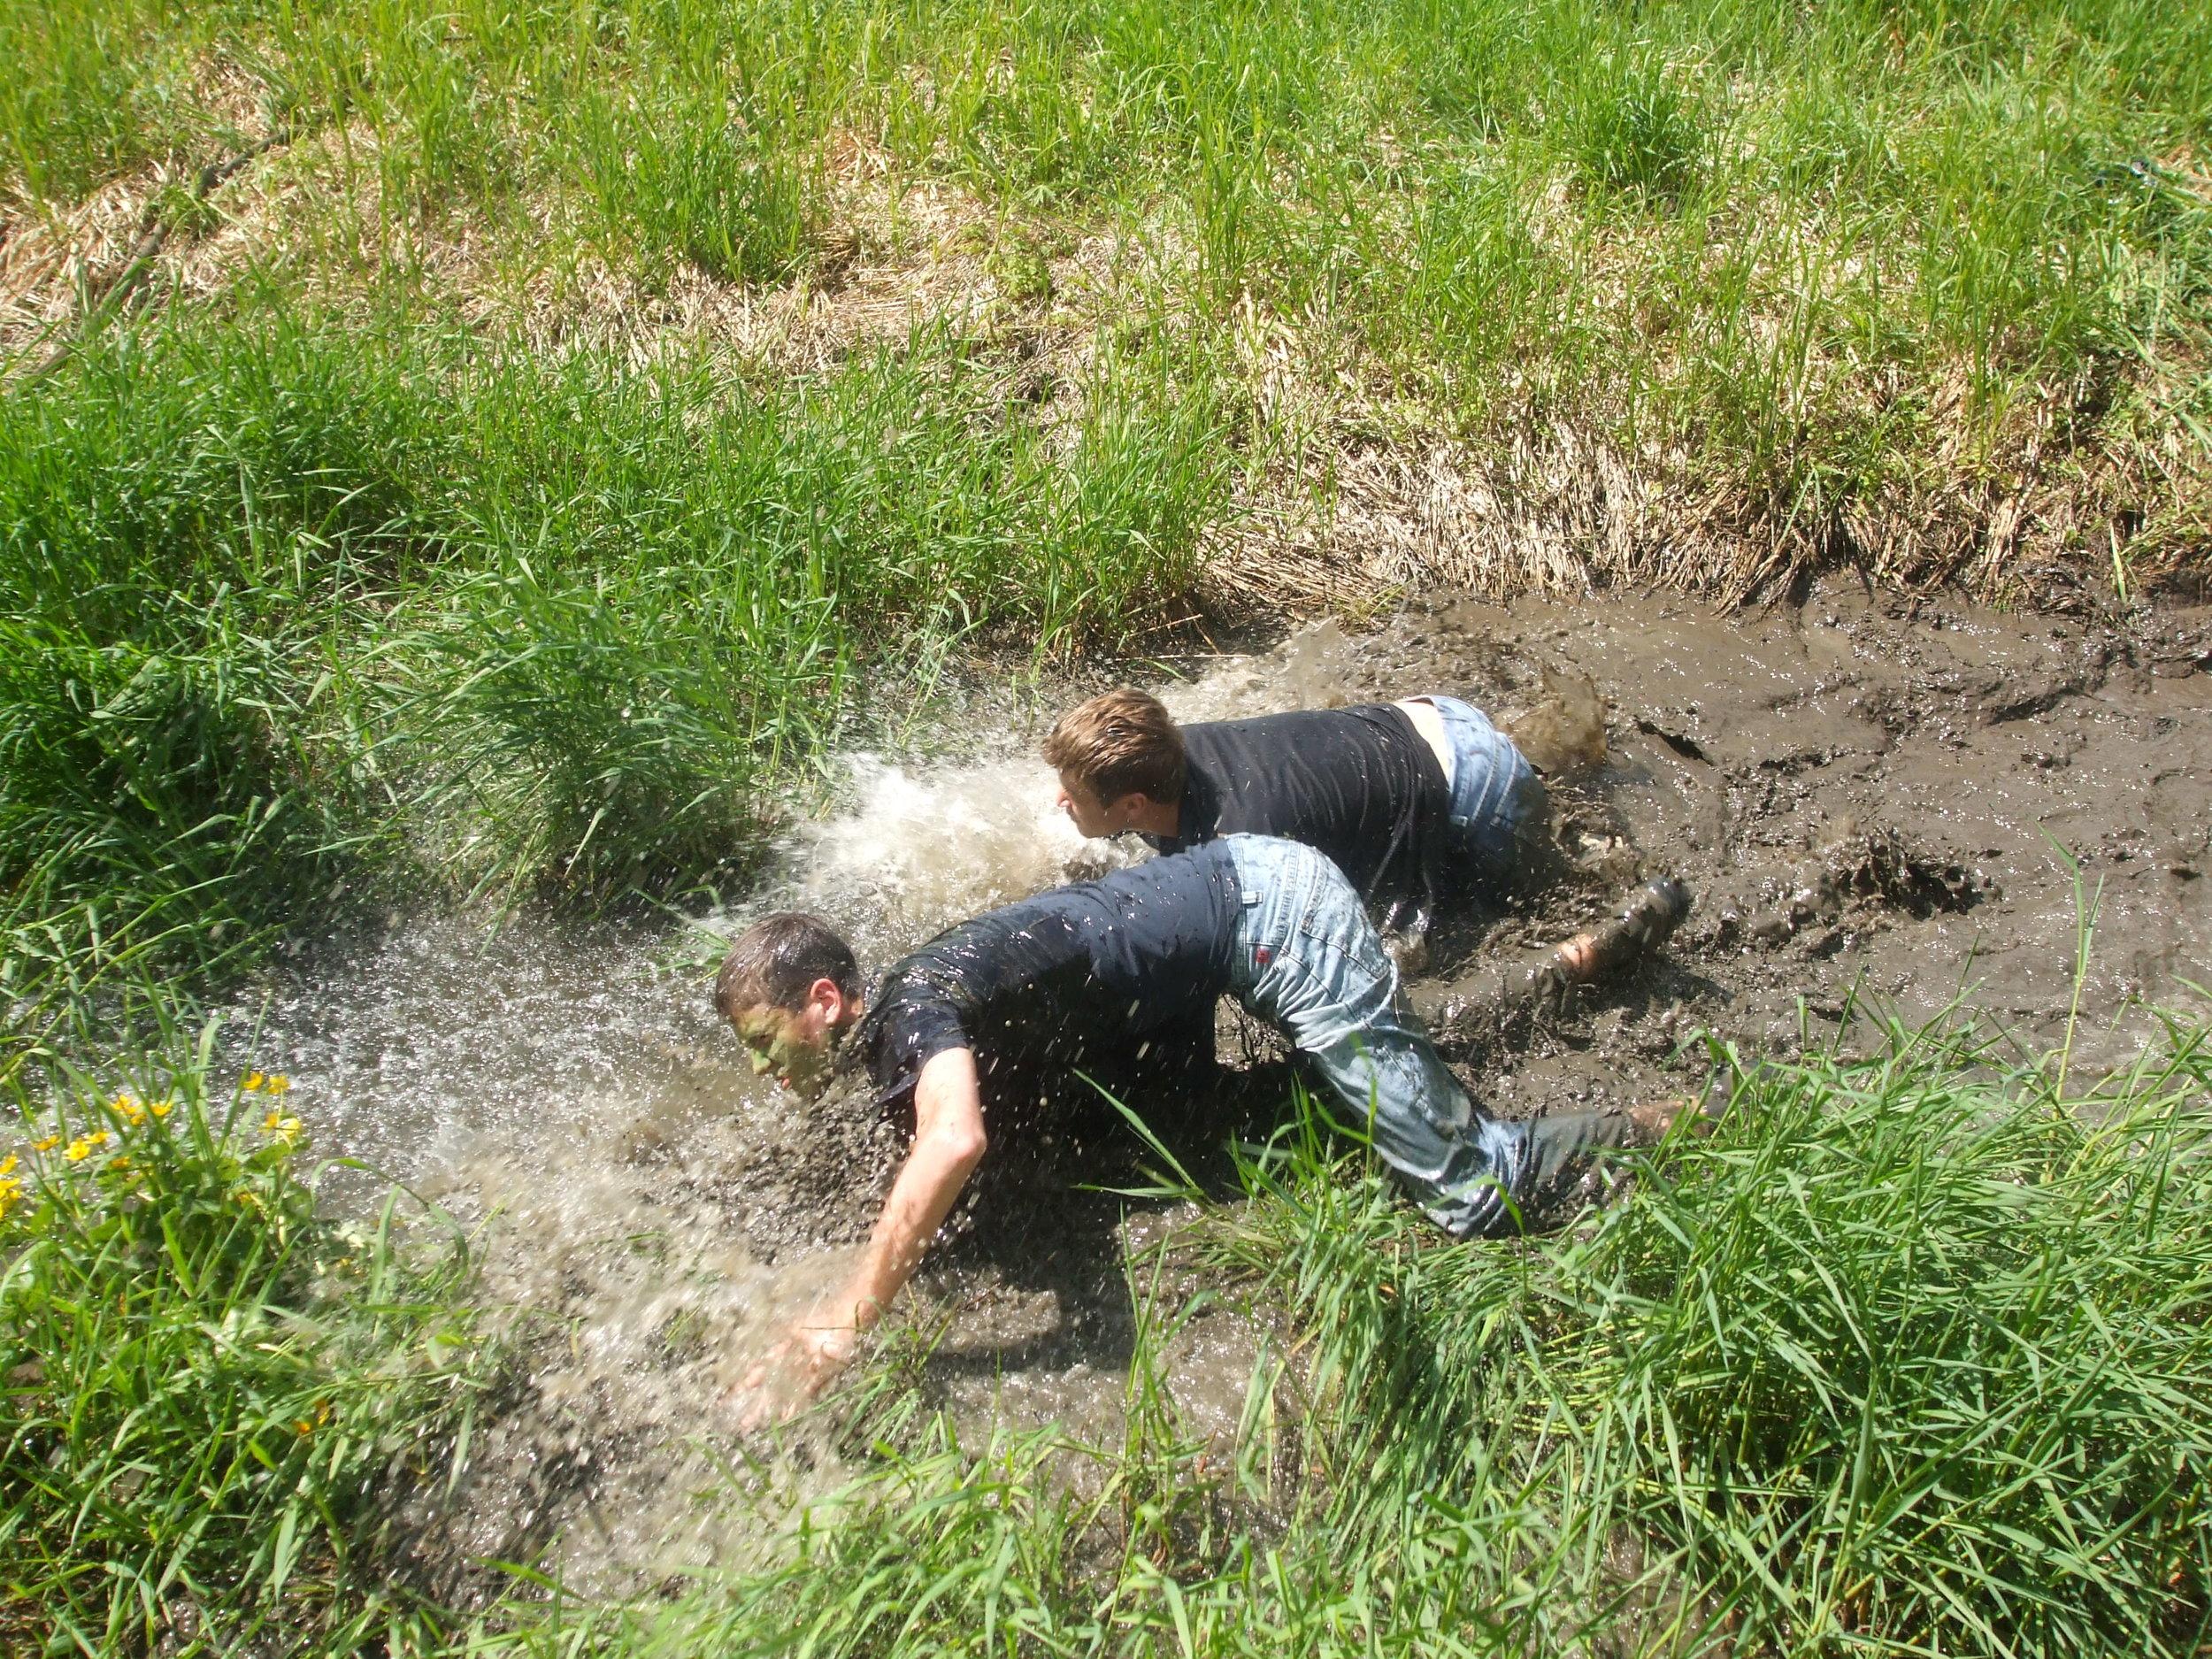 May 2008: Bush weekend at Camp McBean, cadets doing a mud run.